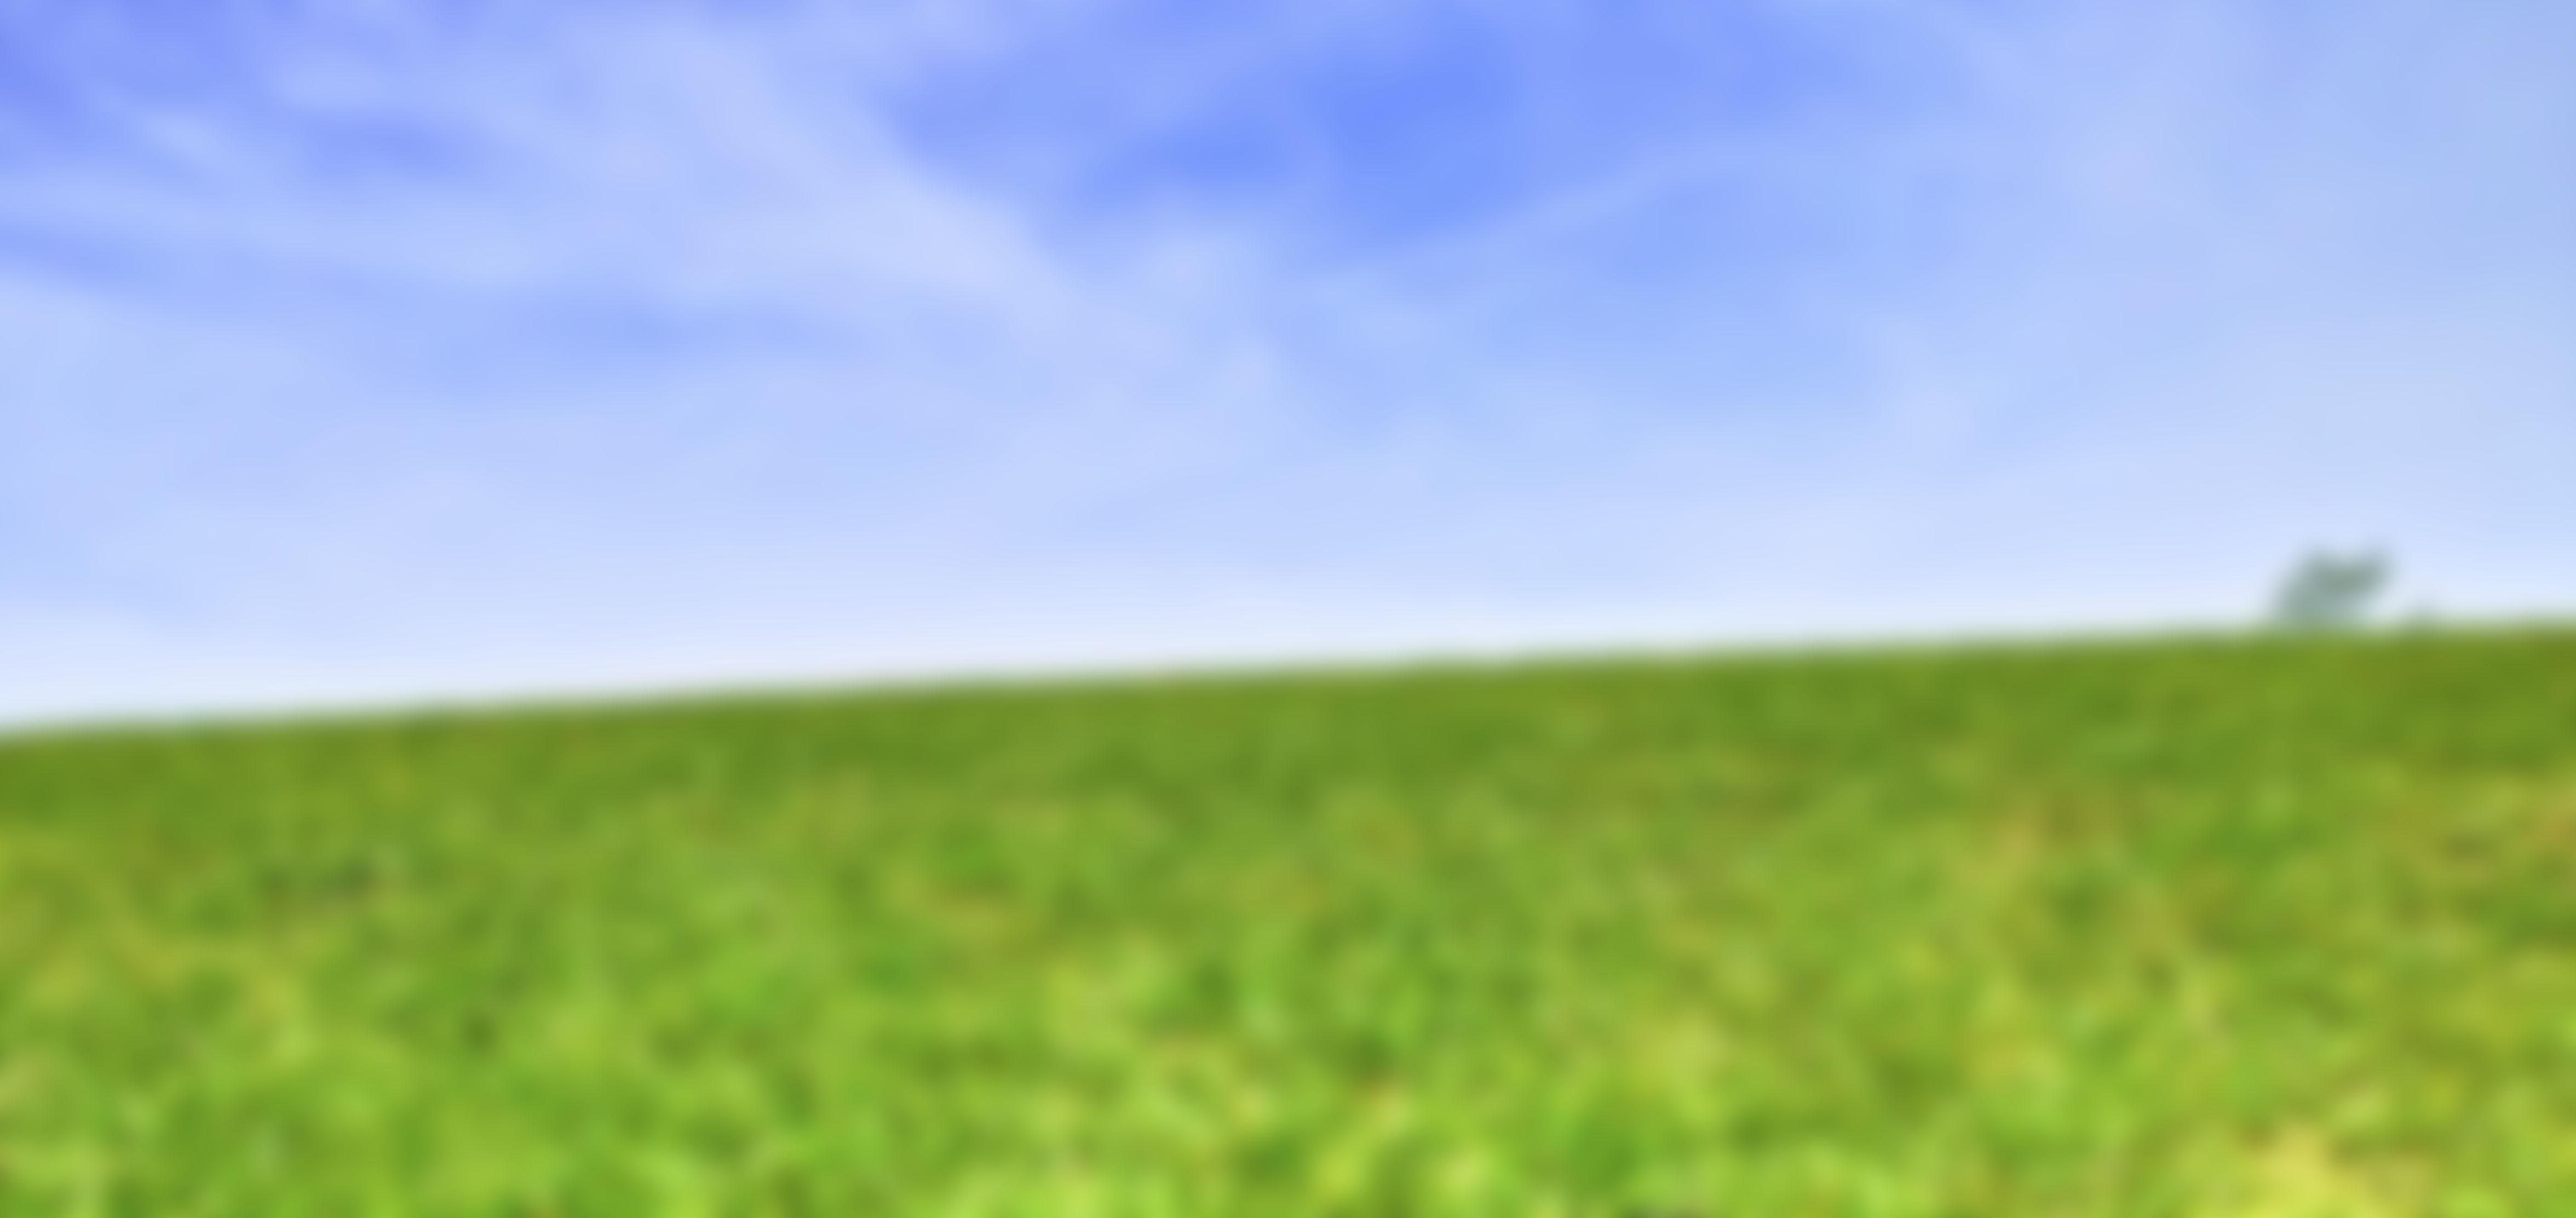 grass-blur